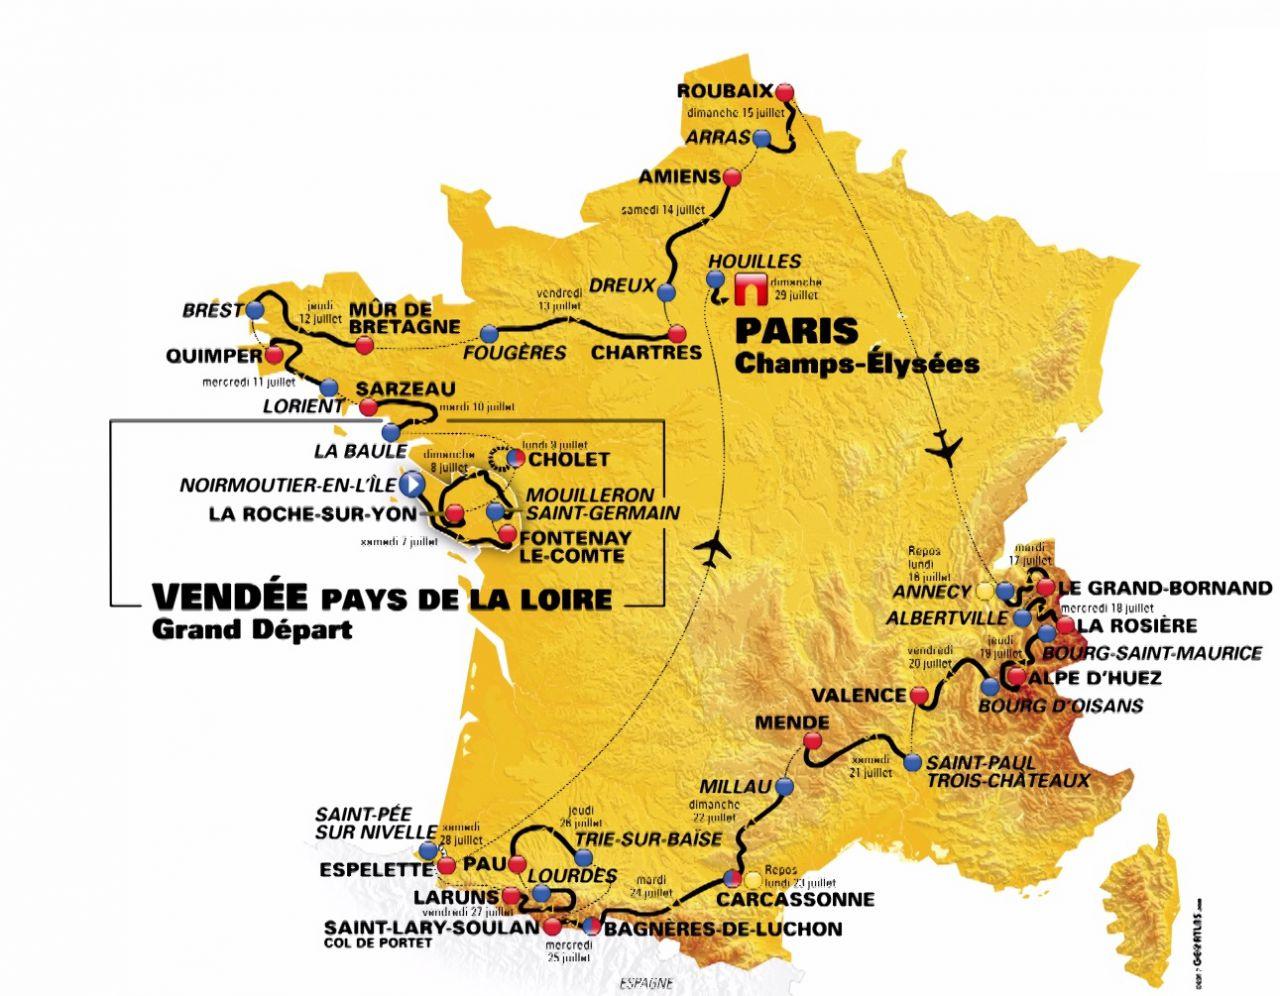 Pour le passage du Tour de France, le Stade Brestois dévoile un maillot jaune